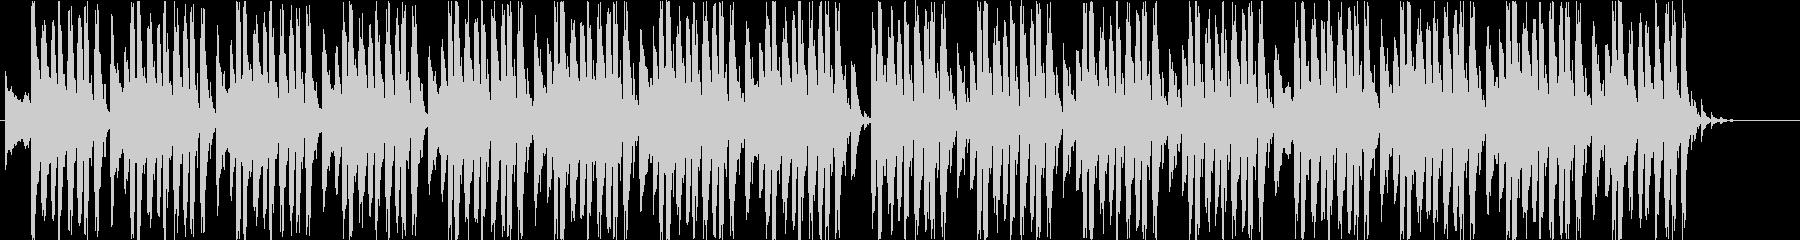 クールな4つ打ちハウスの未再生の波形